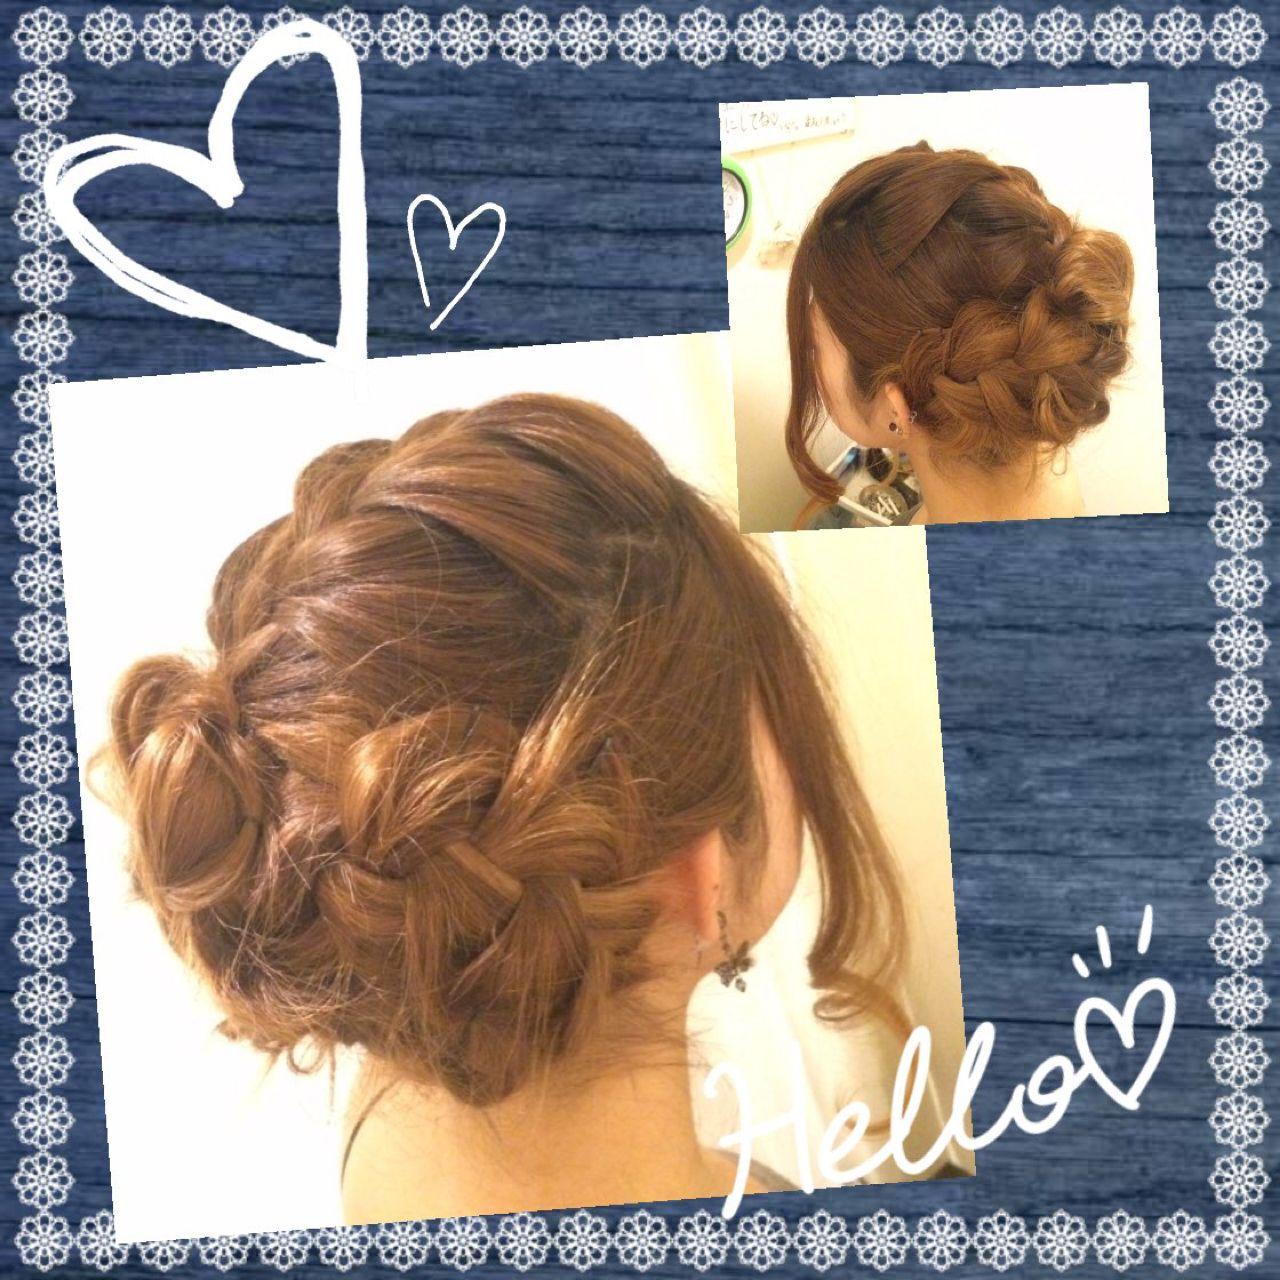 ルーズ 三つ編み コンサバ 結婚式 ヘアスタイルや髪型の写真・画像 | nao / ❤️